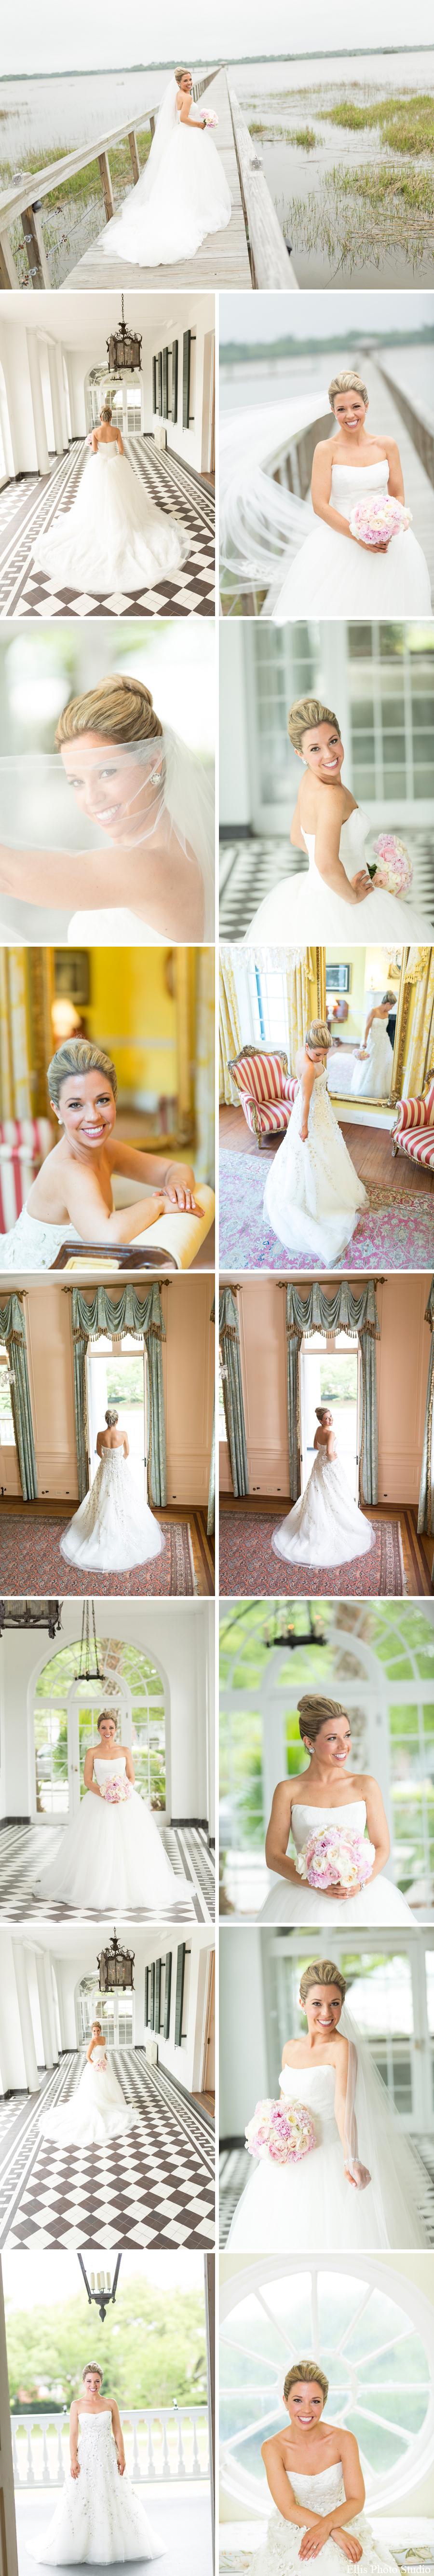 M_bridals.jpg